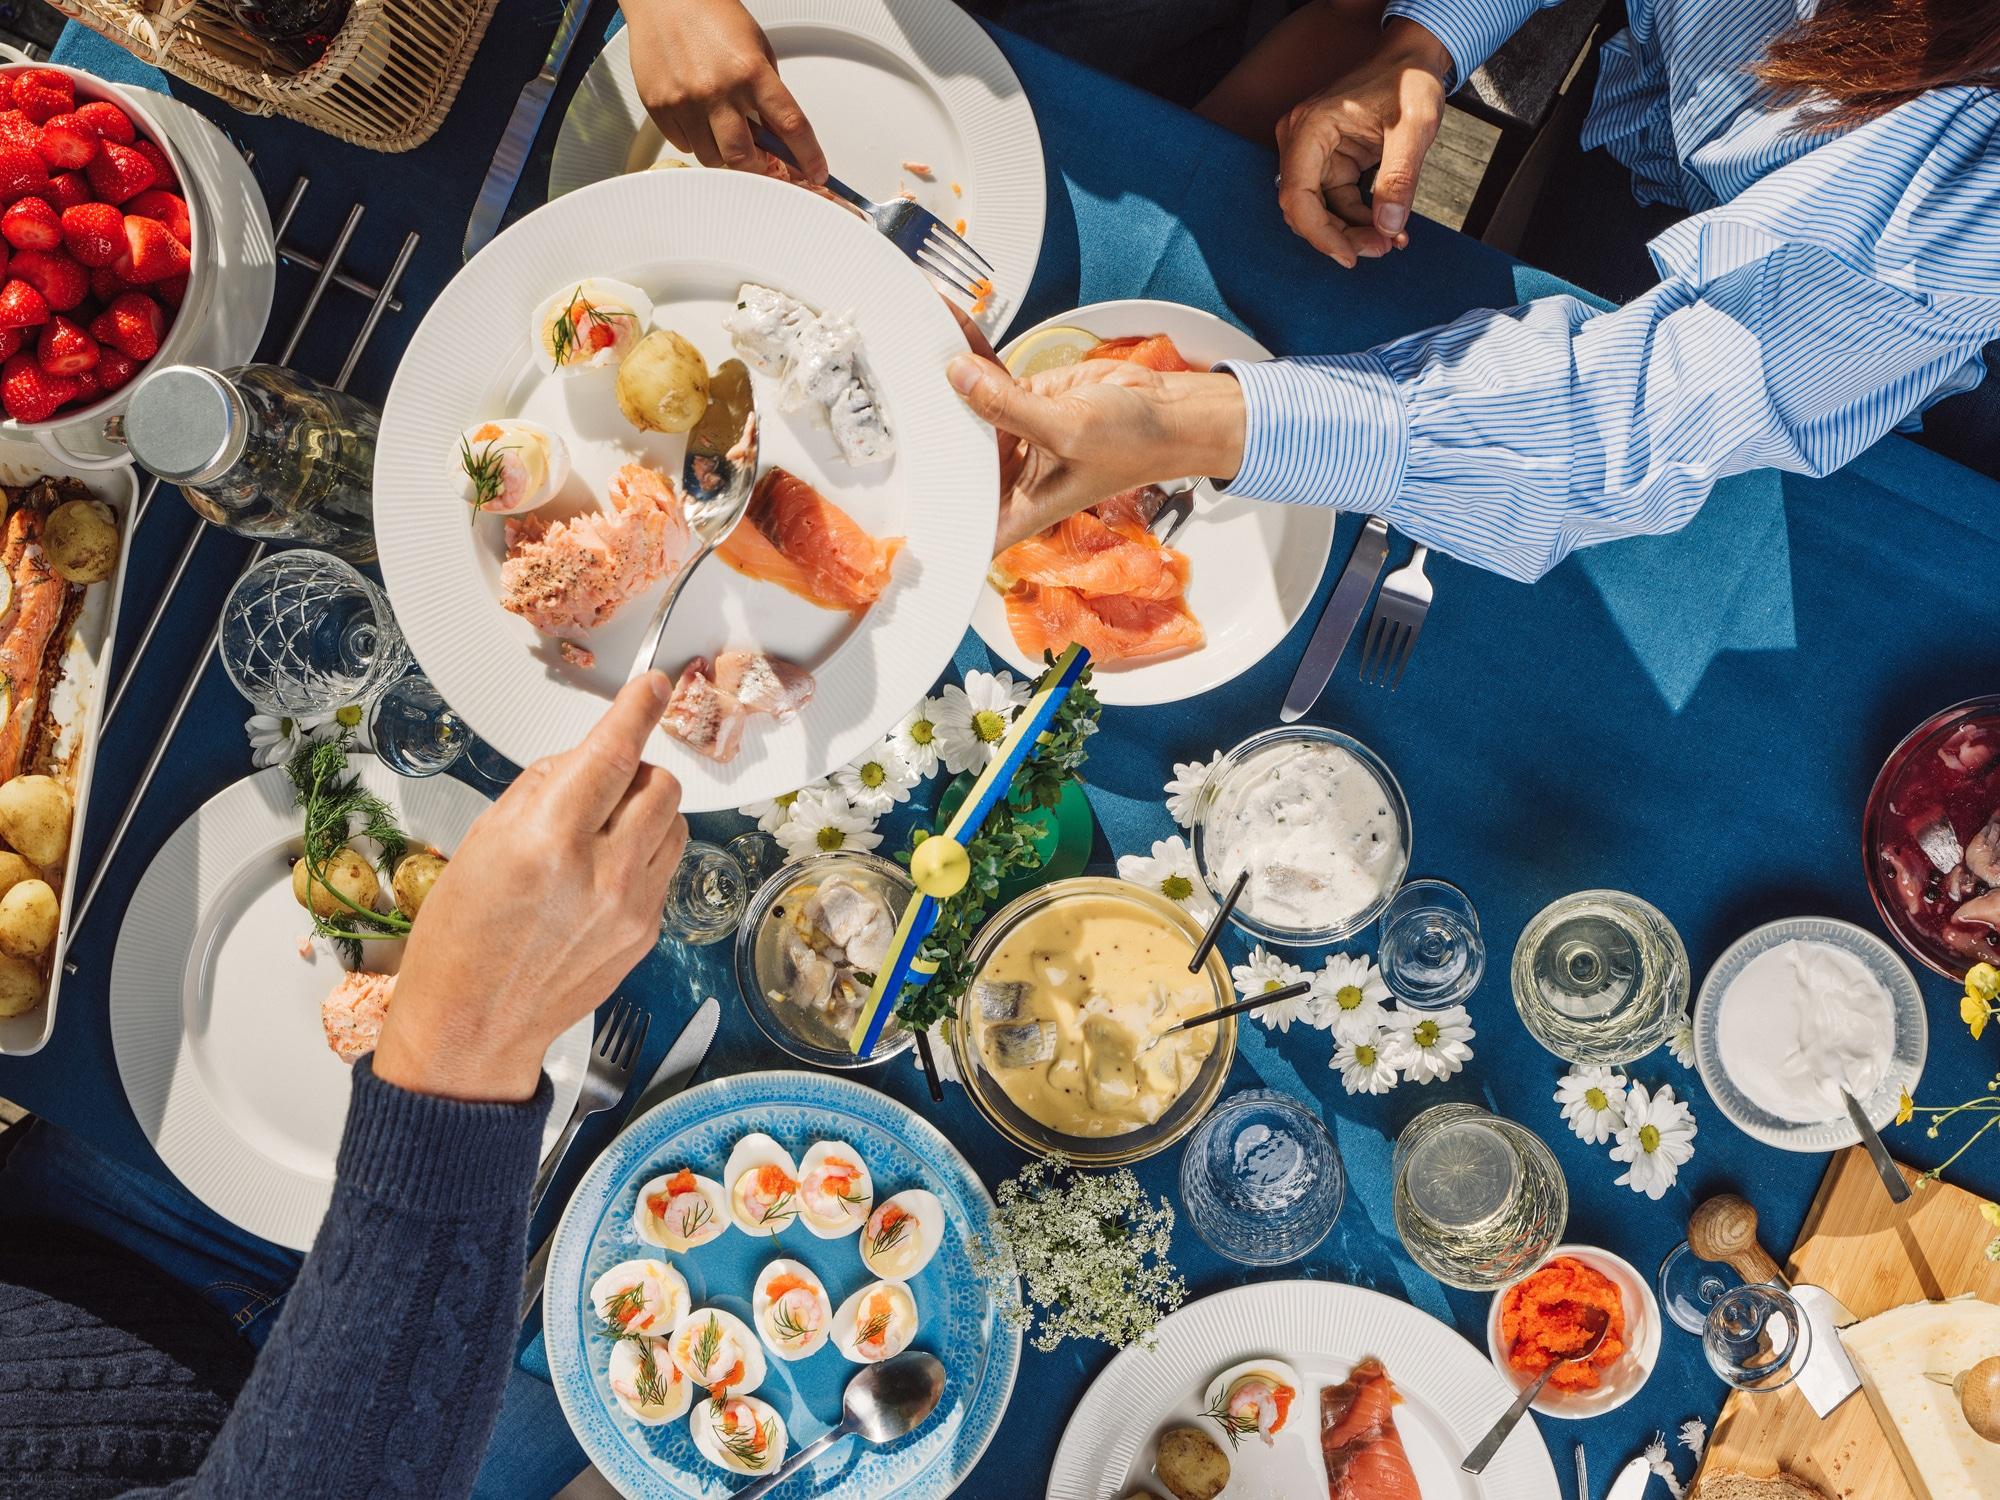 Svéd diéta: a skandinávok karcsúsító étrendje